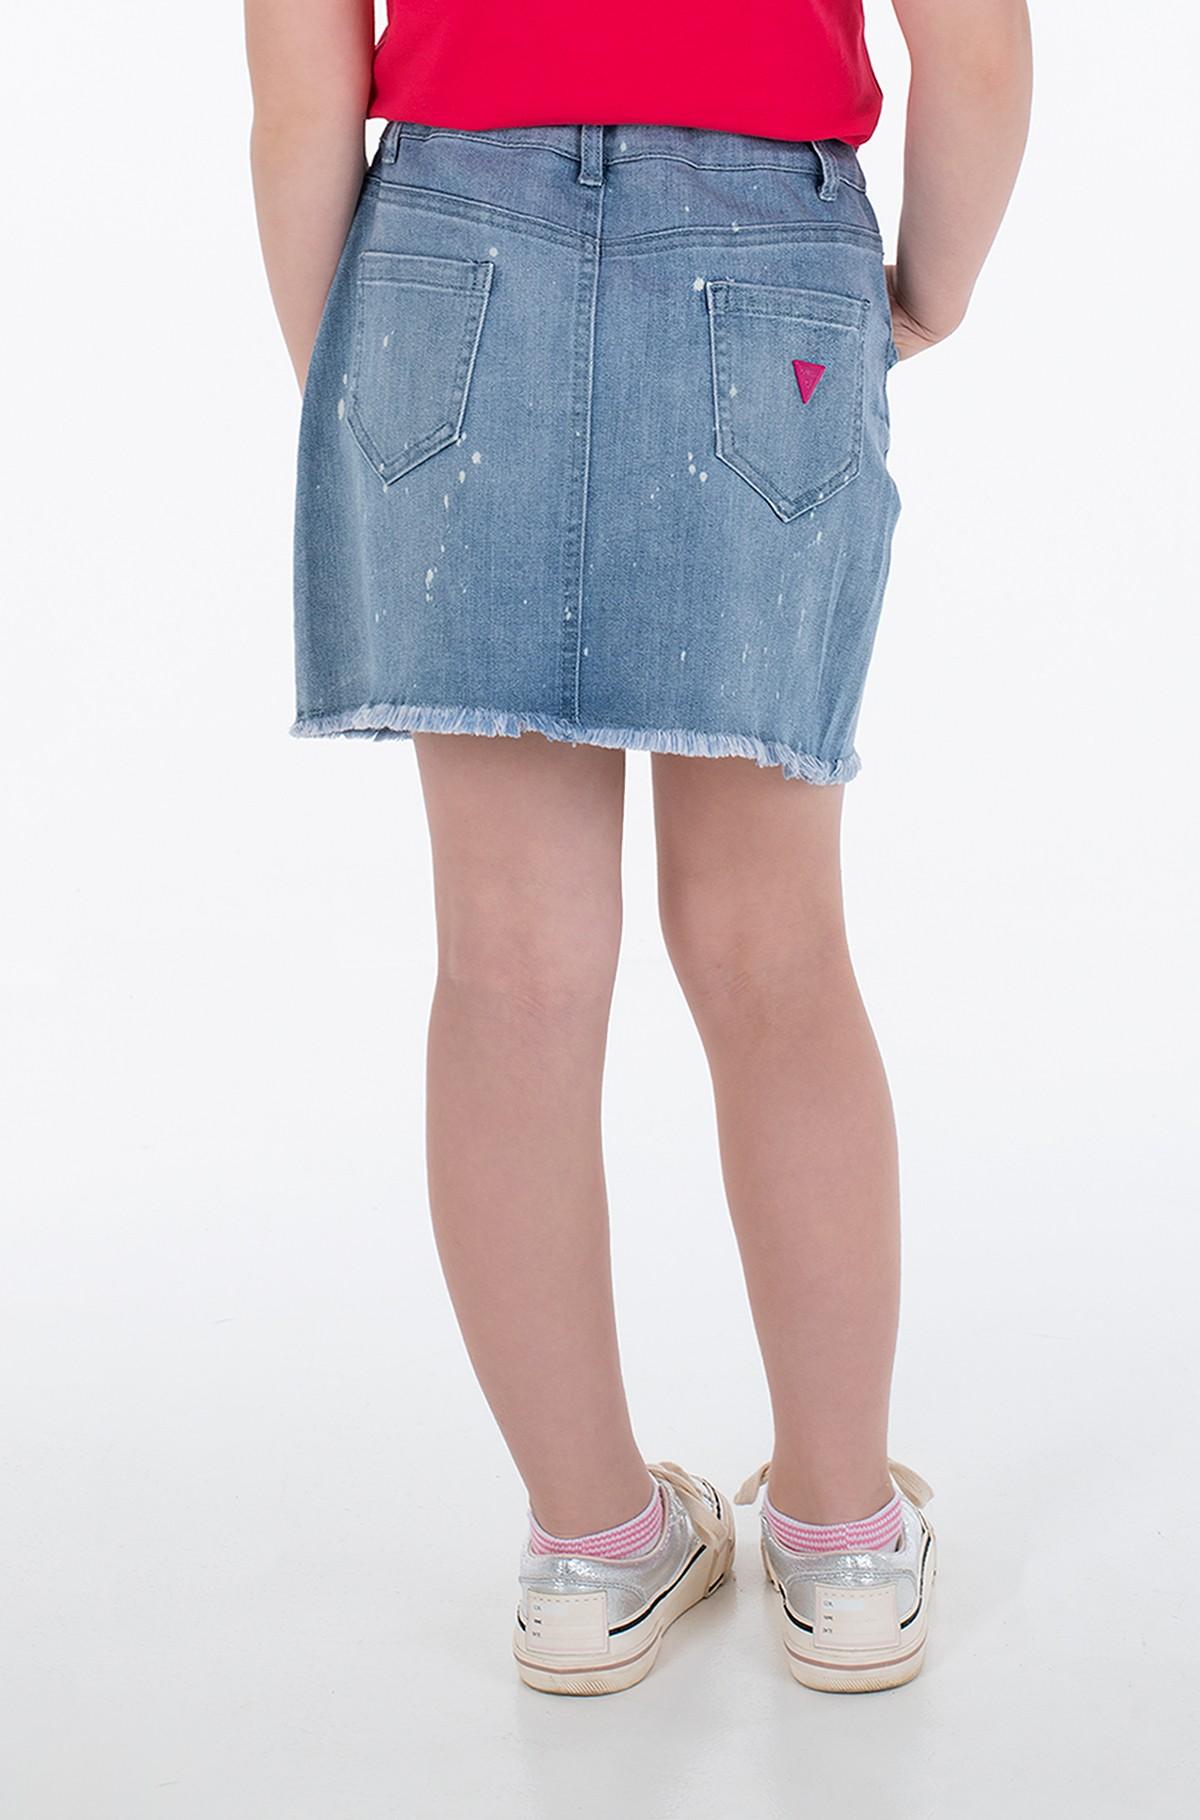 Children's denim skirt J1GD14 D4CA0-full-3